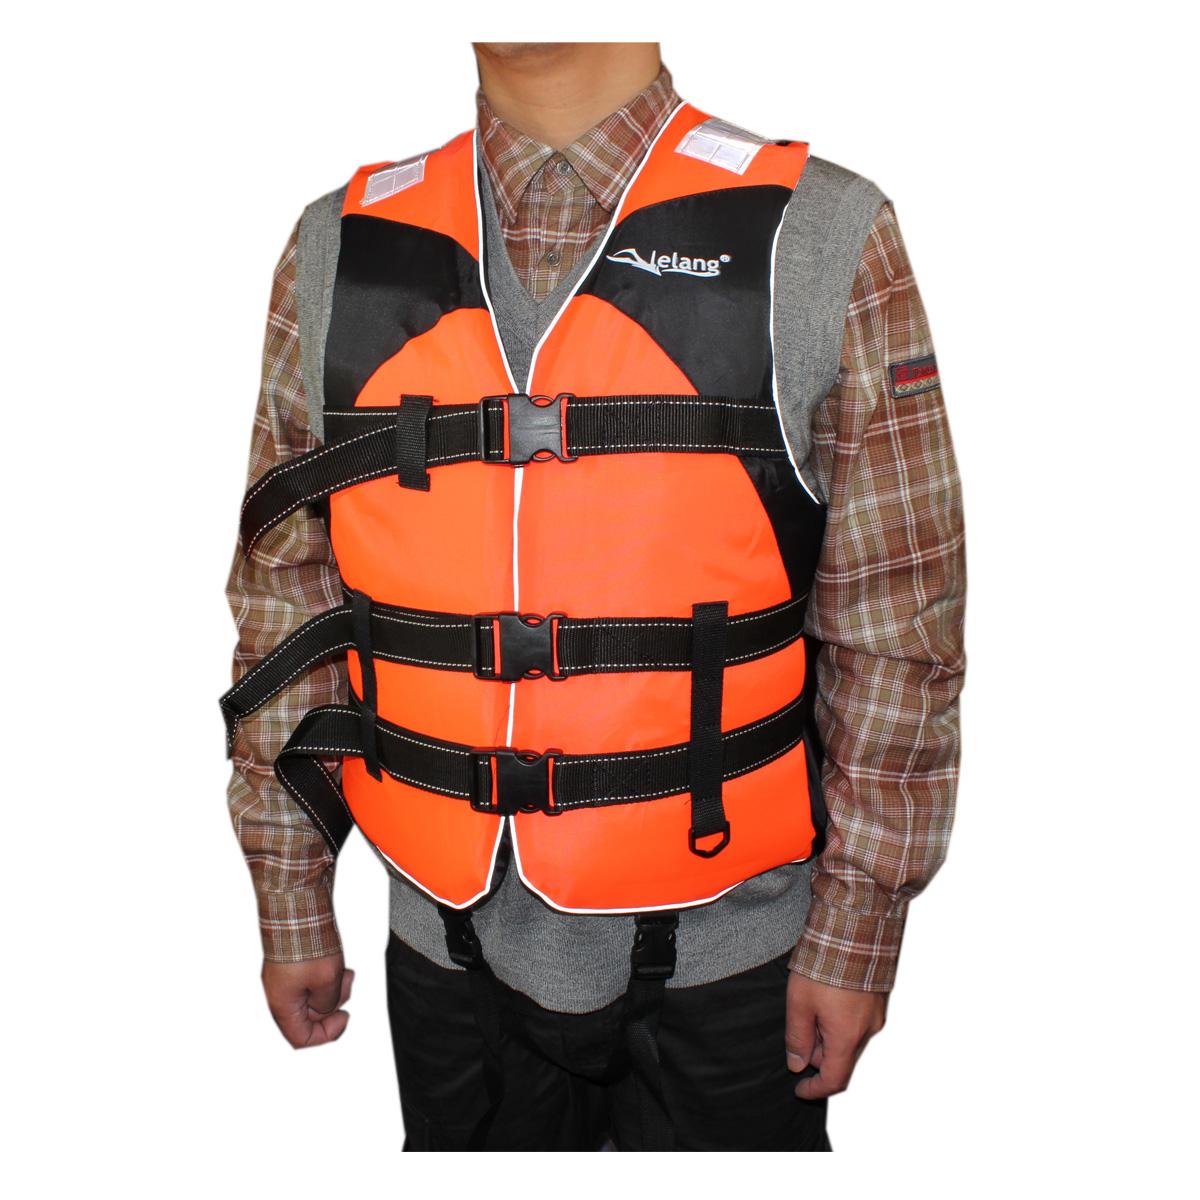 Snorkel Vest Co2 Lelang Snorkel Adult Life Vest